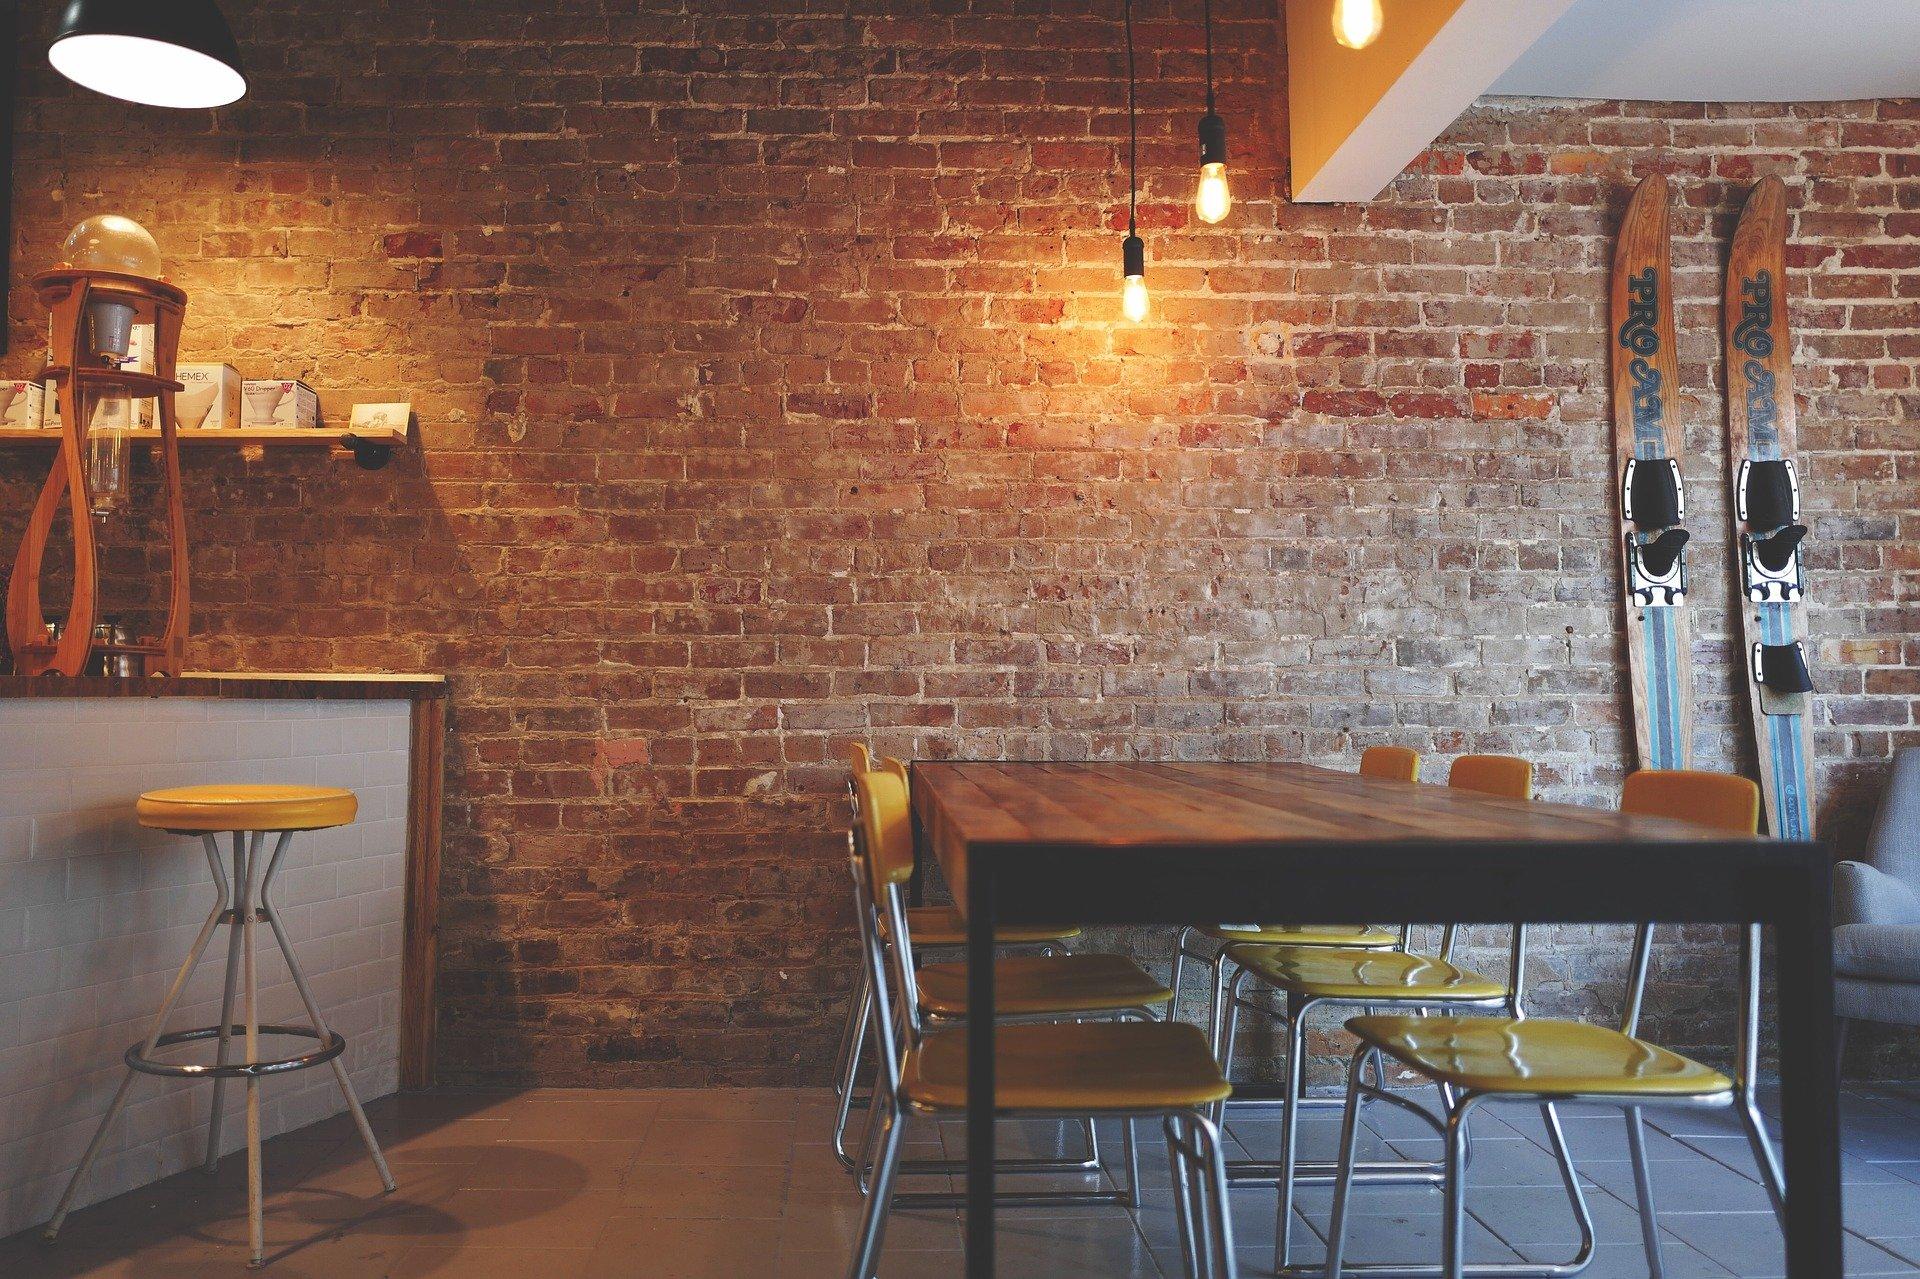 Comment aménager un restaurant en adoptant le style industriel ?